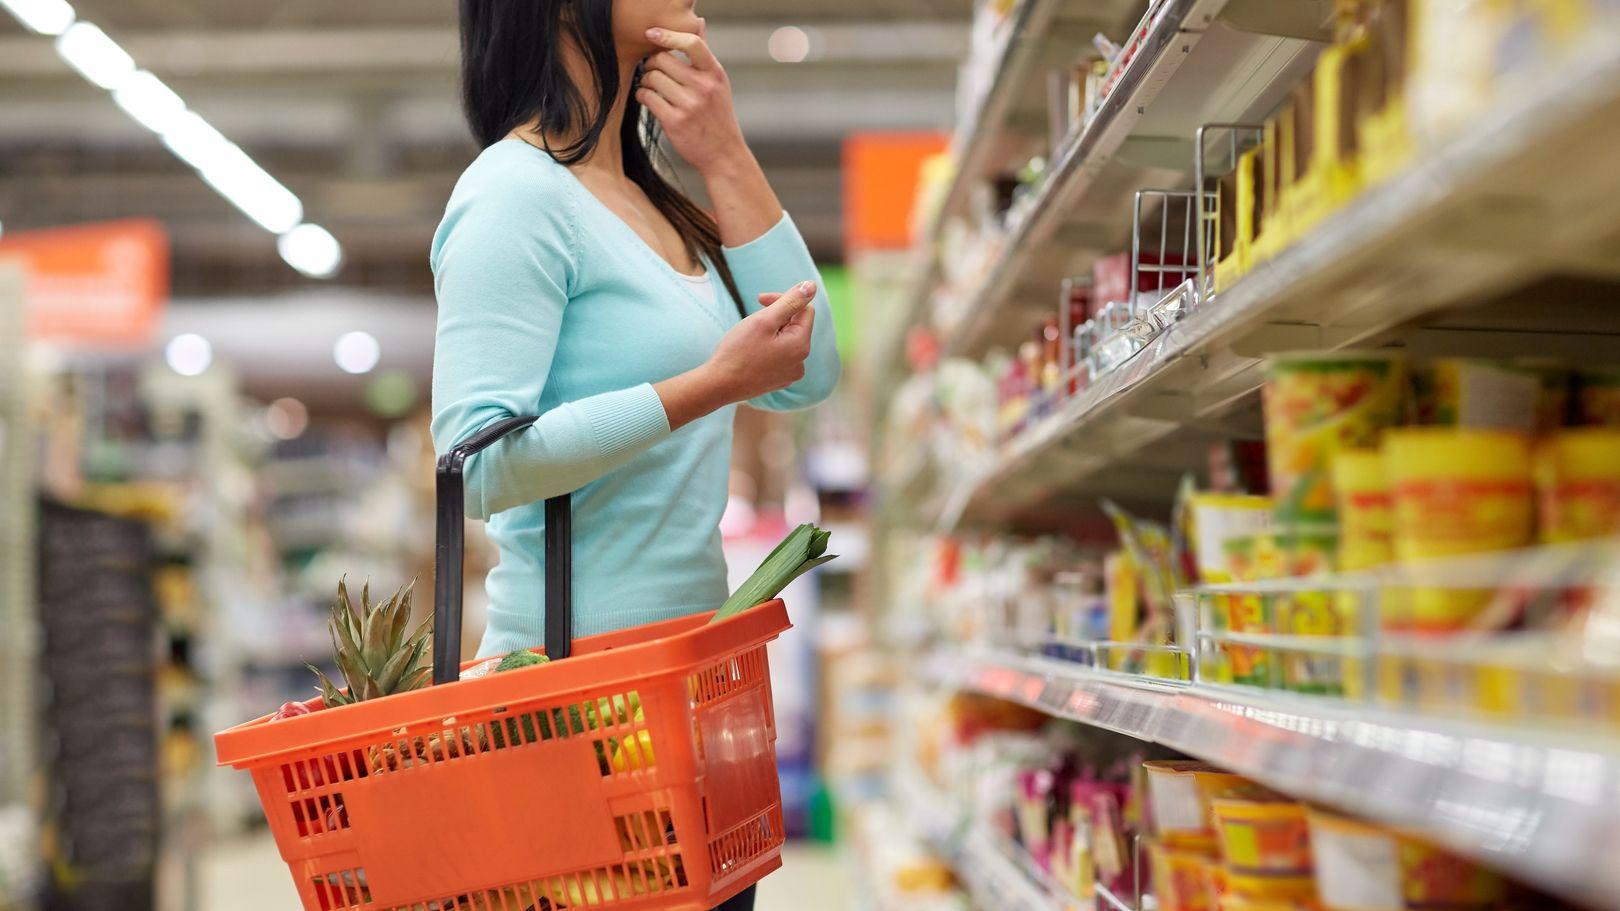 Eine Frau steht vor einem Supermarkt-Regal und sucht nach einem Produkt.